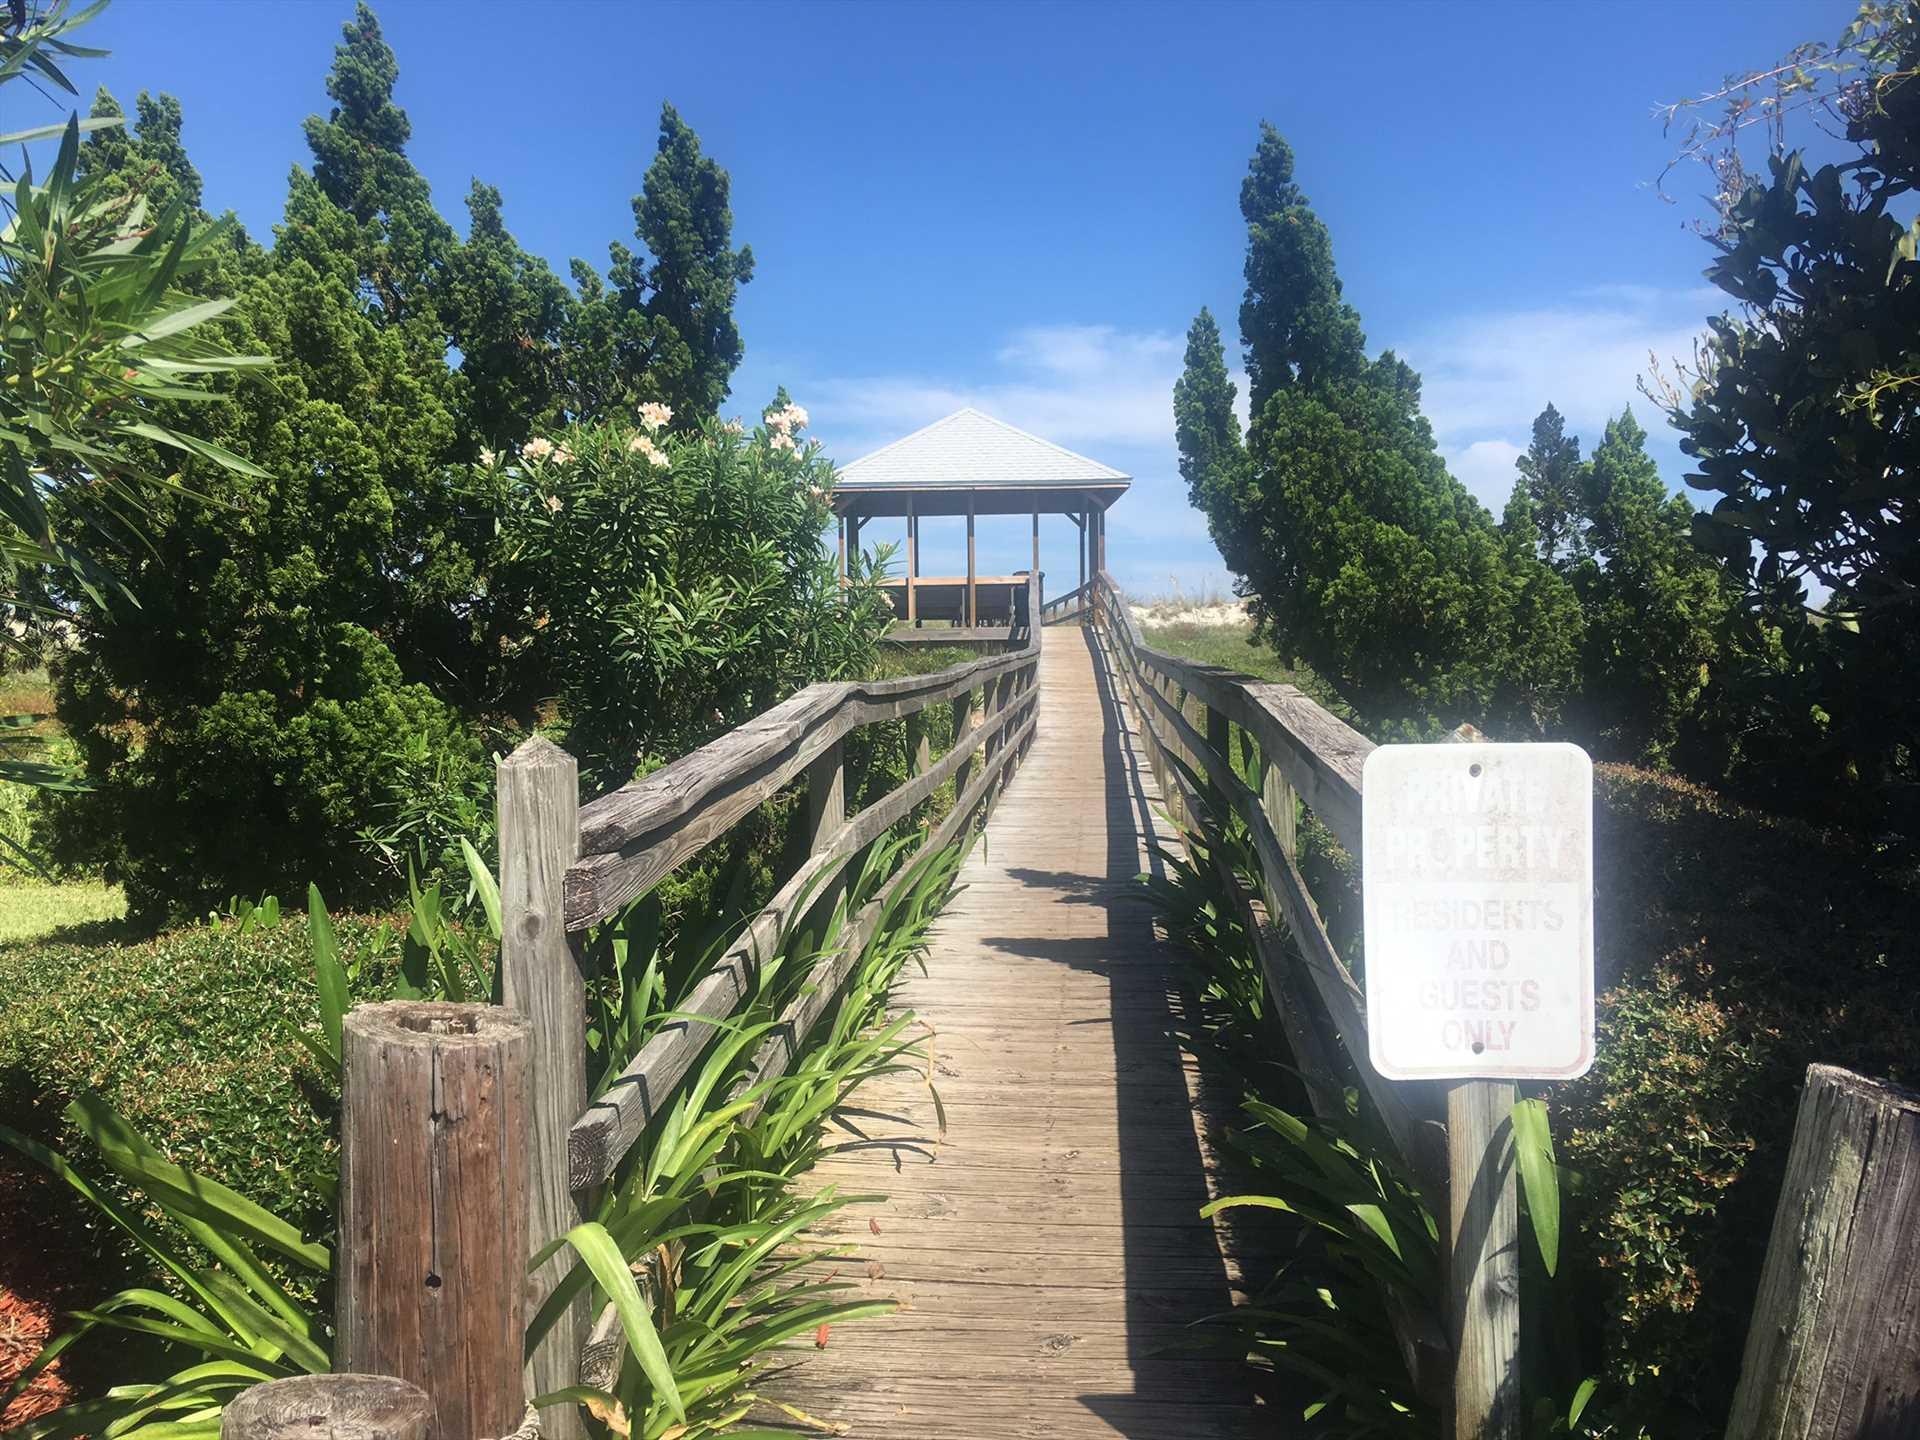 Entrance to Boardwalk Gazebo